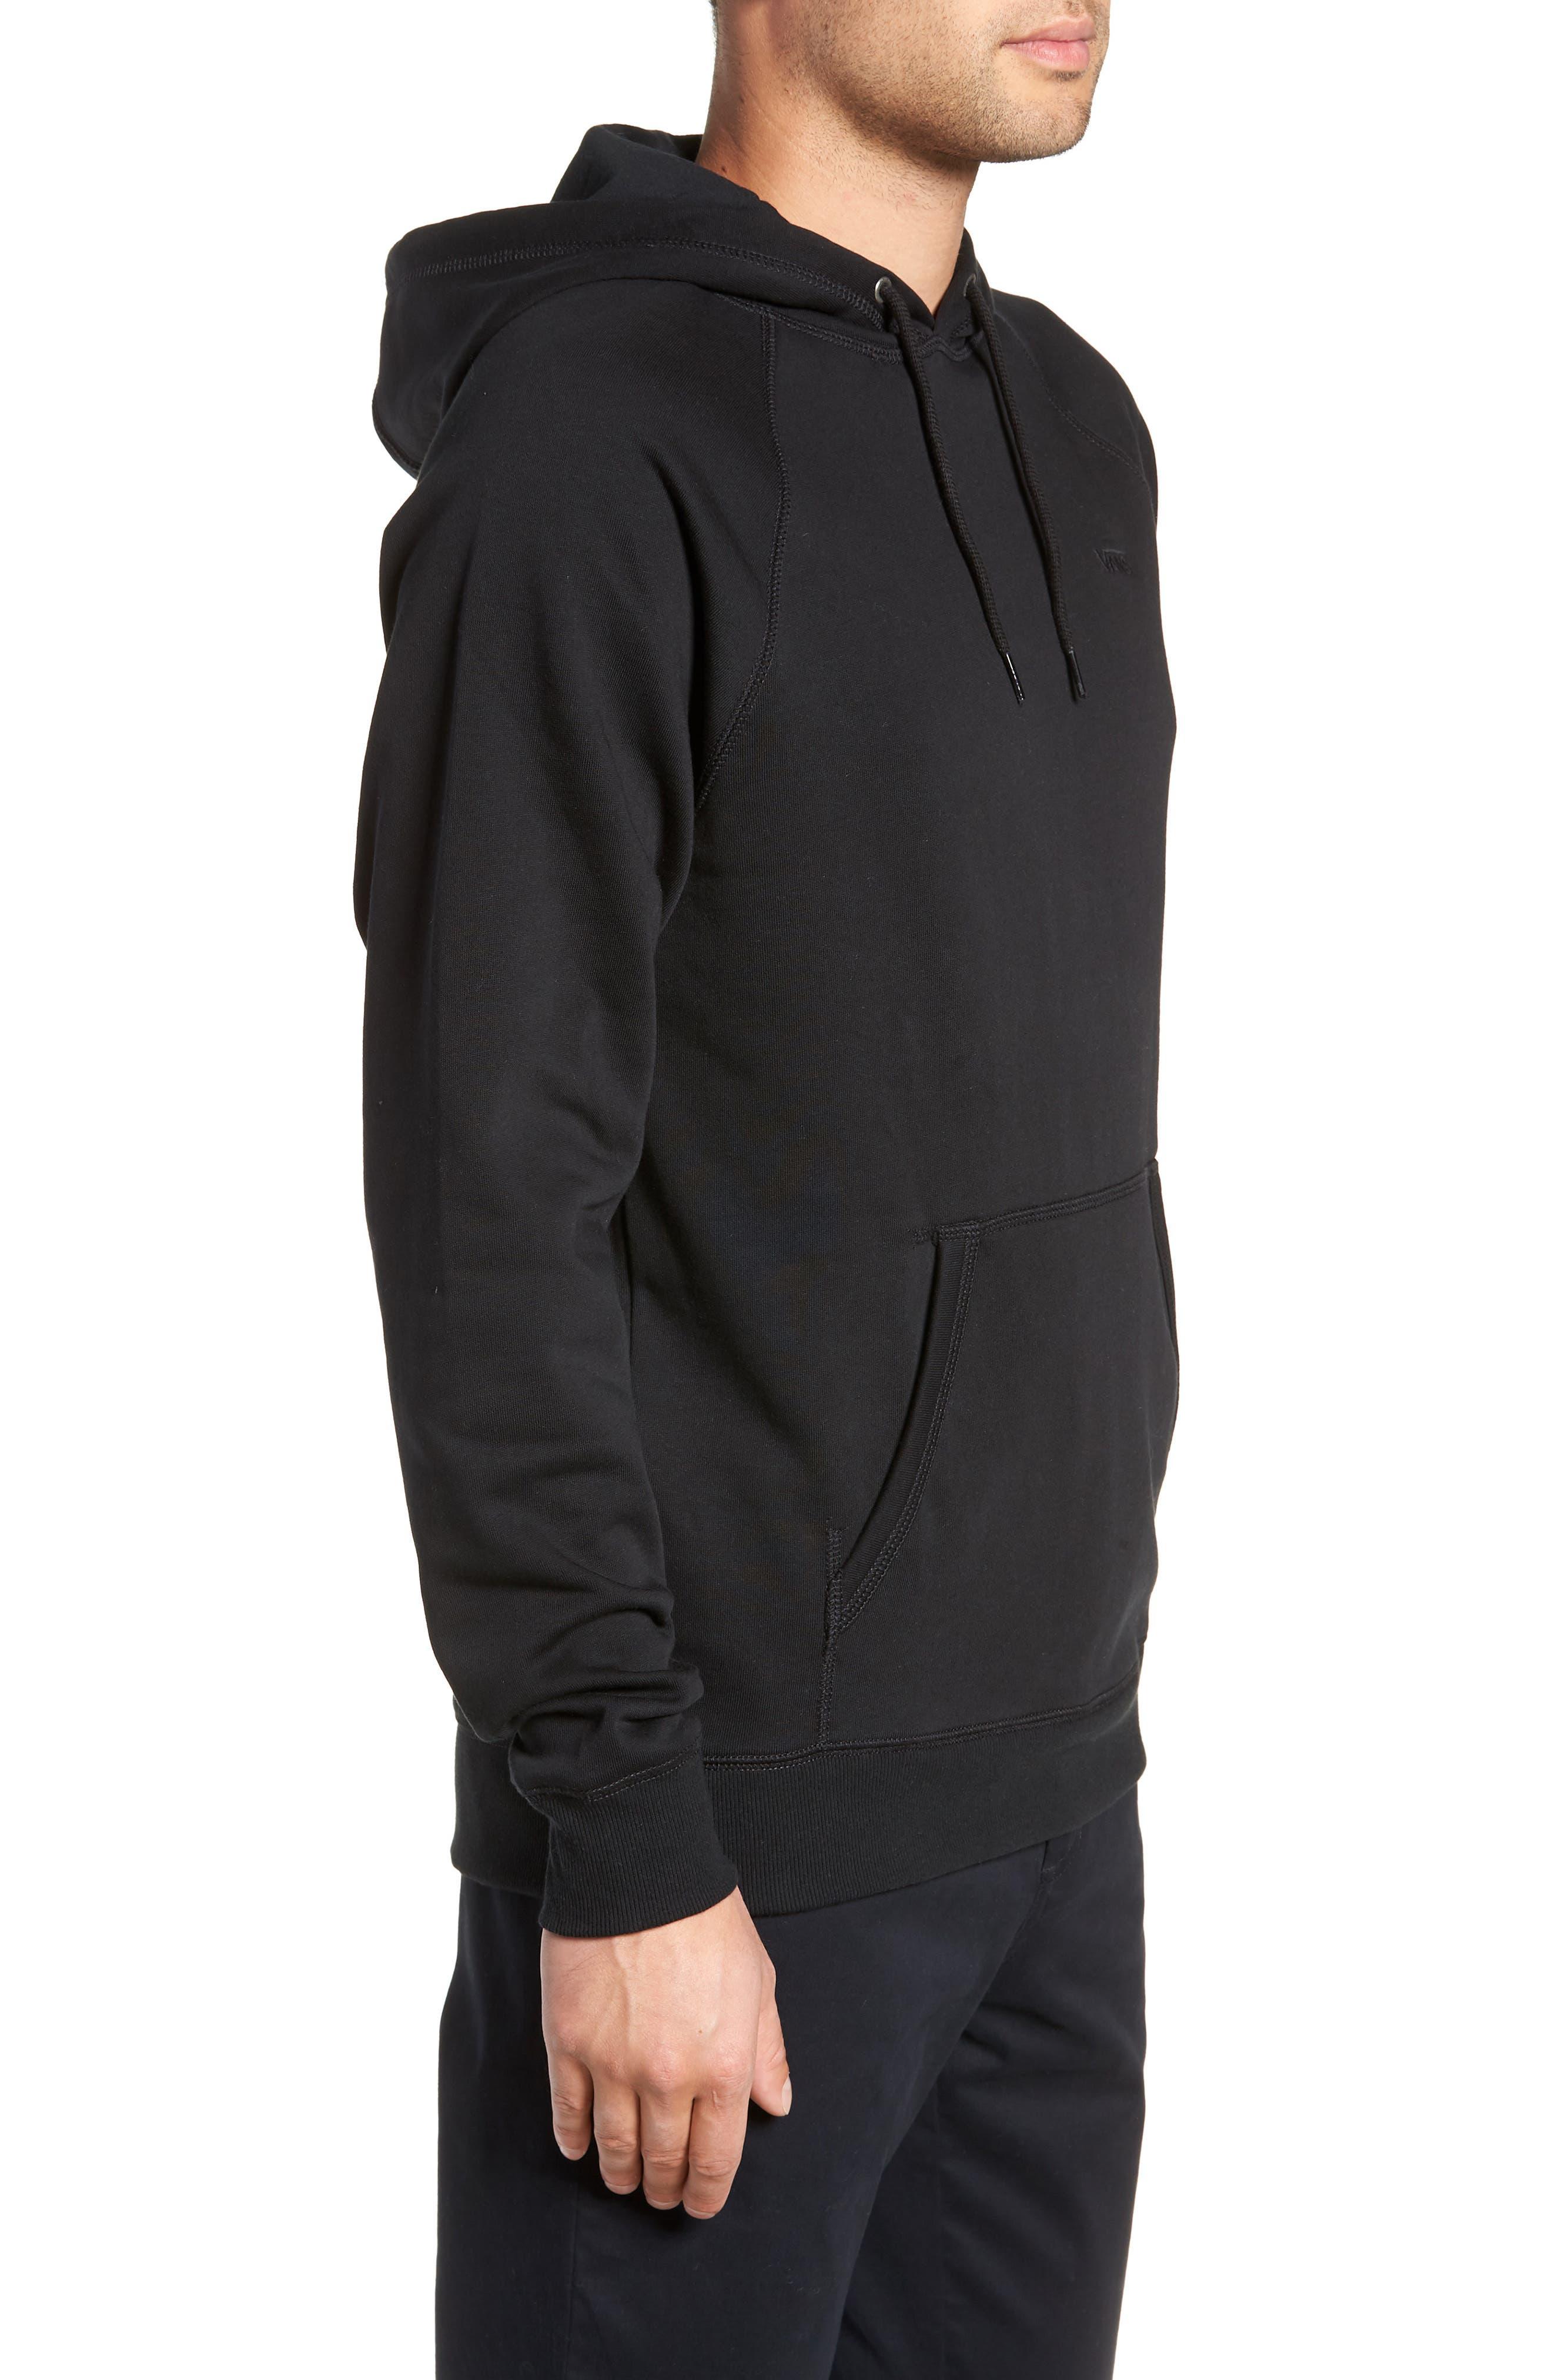 Versa Hoodie Sweatshirt,                             Alternate thumbnail 3, color,                             BLACK